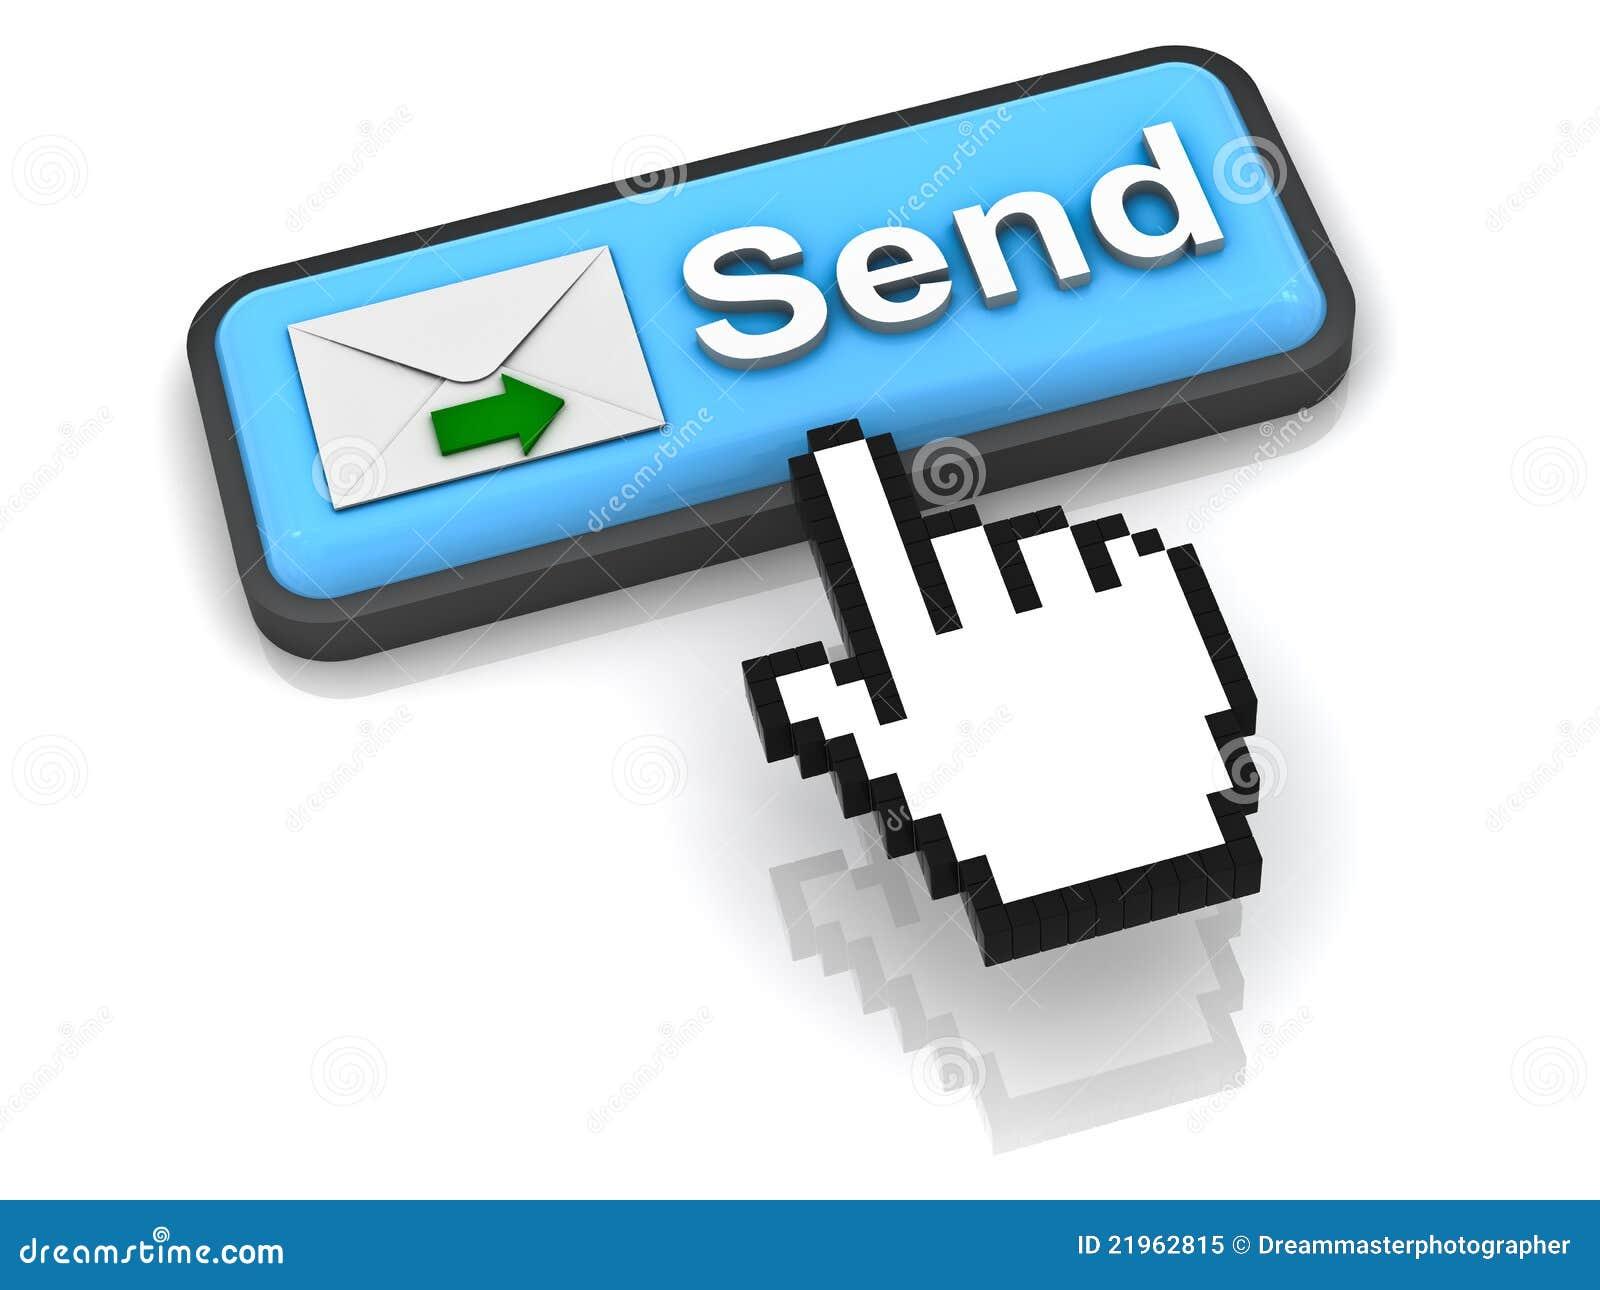 send button royalty